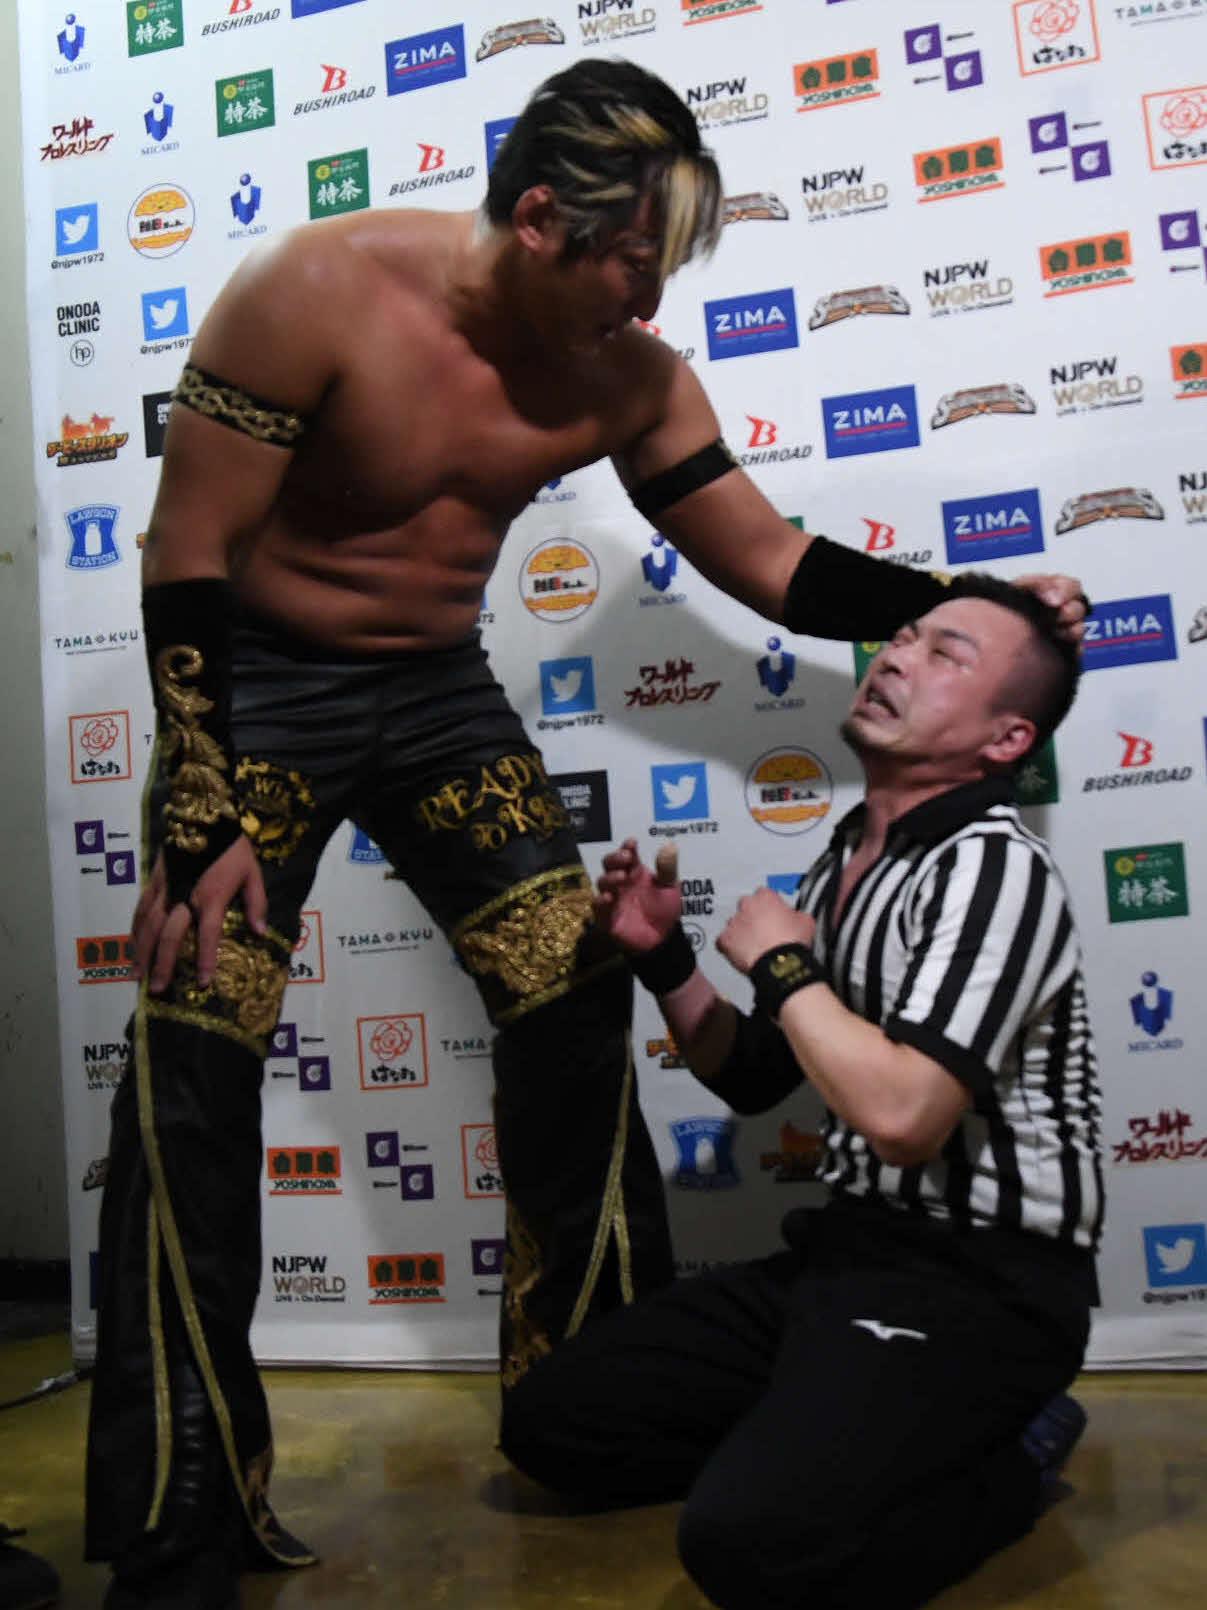 新日本プロレス後楽園大会 バックステージで佐藤レフェリーに襲いかかるタイチ(新日本プロレス提供)